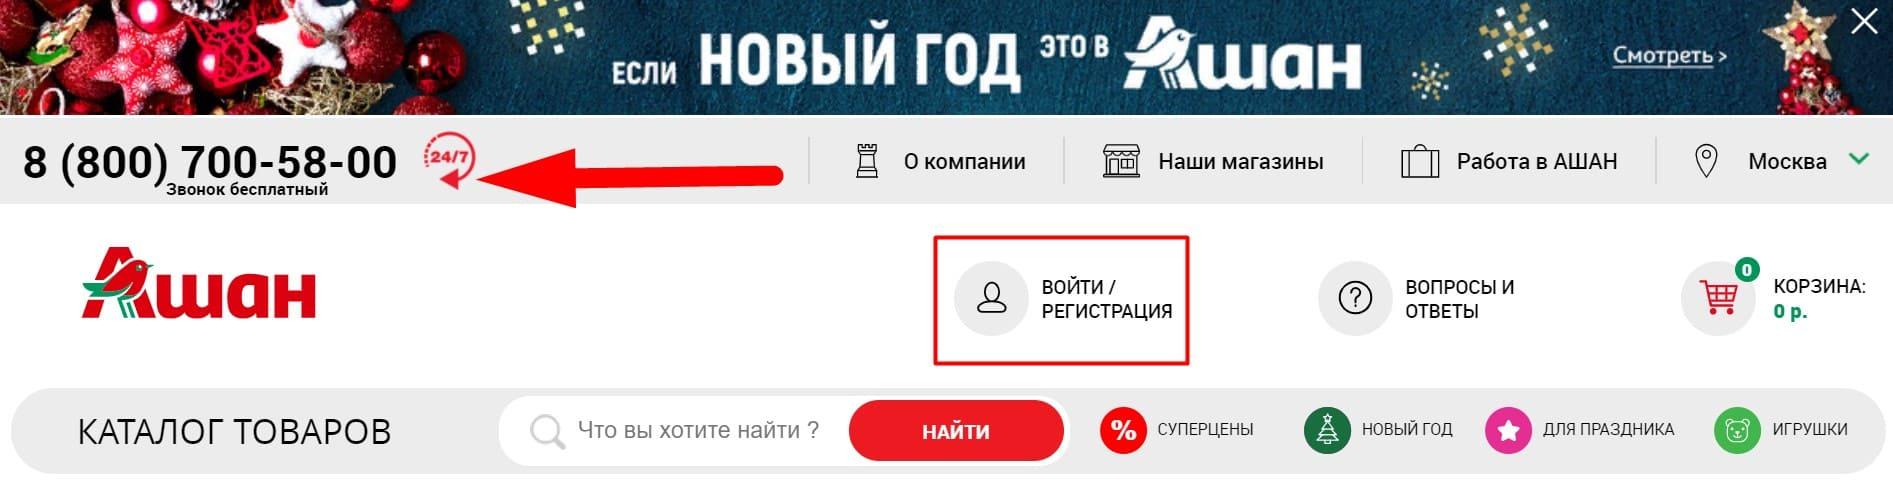 Сайт интернет магазина Ашан